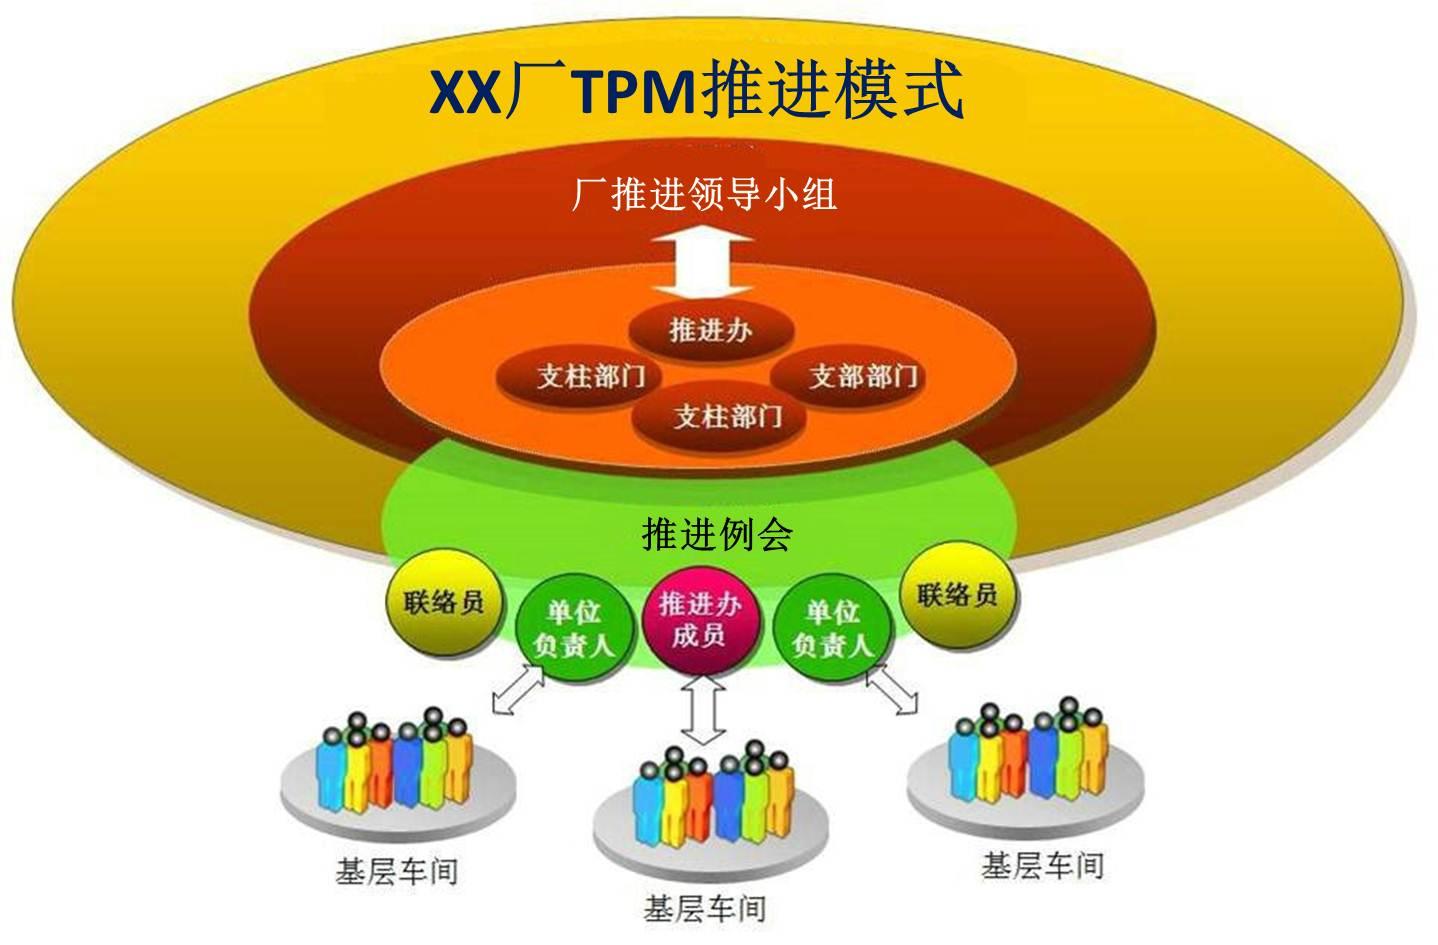 在企业里,若有推进tpm,对改善活动的管理,有的企业由推进办负责,有的